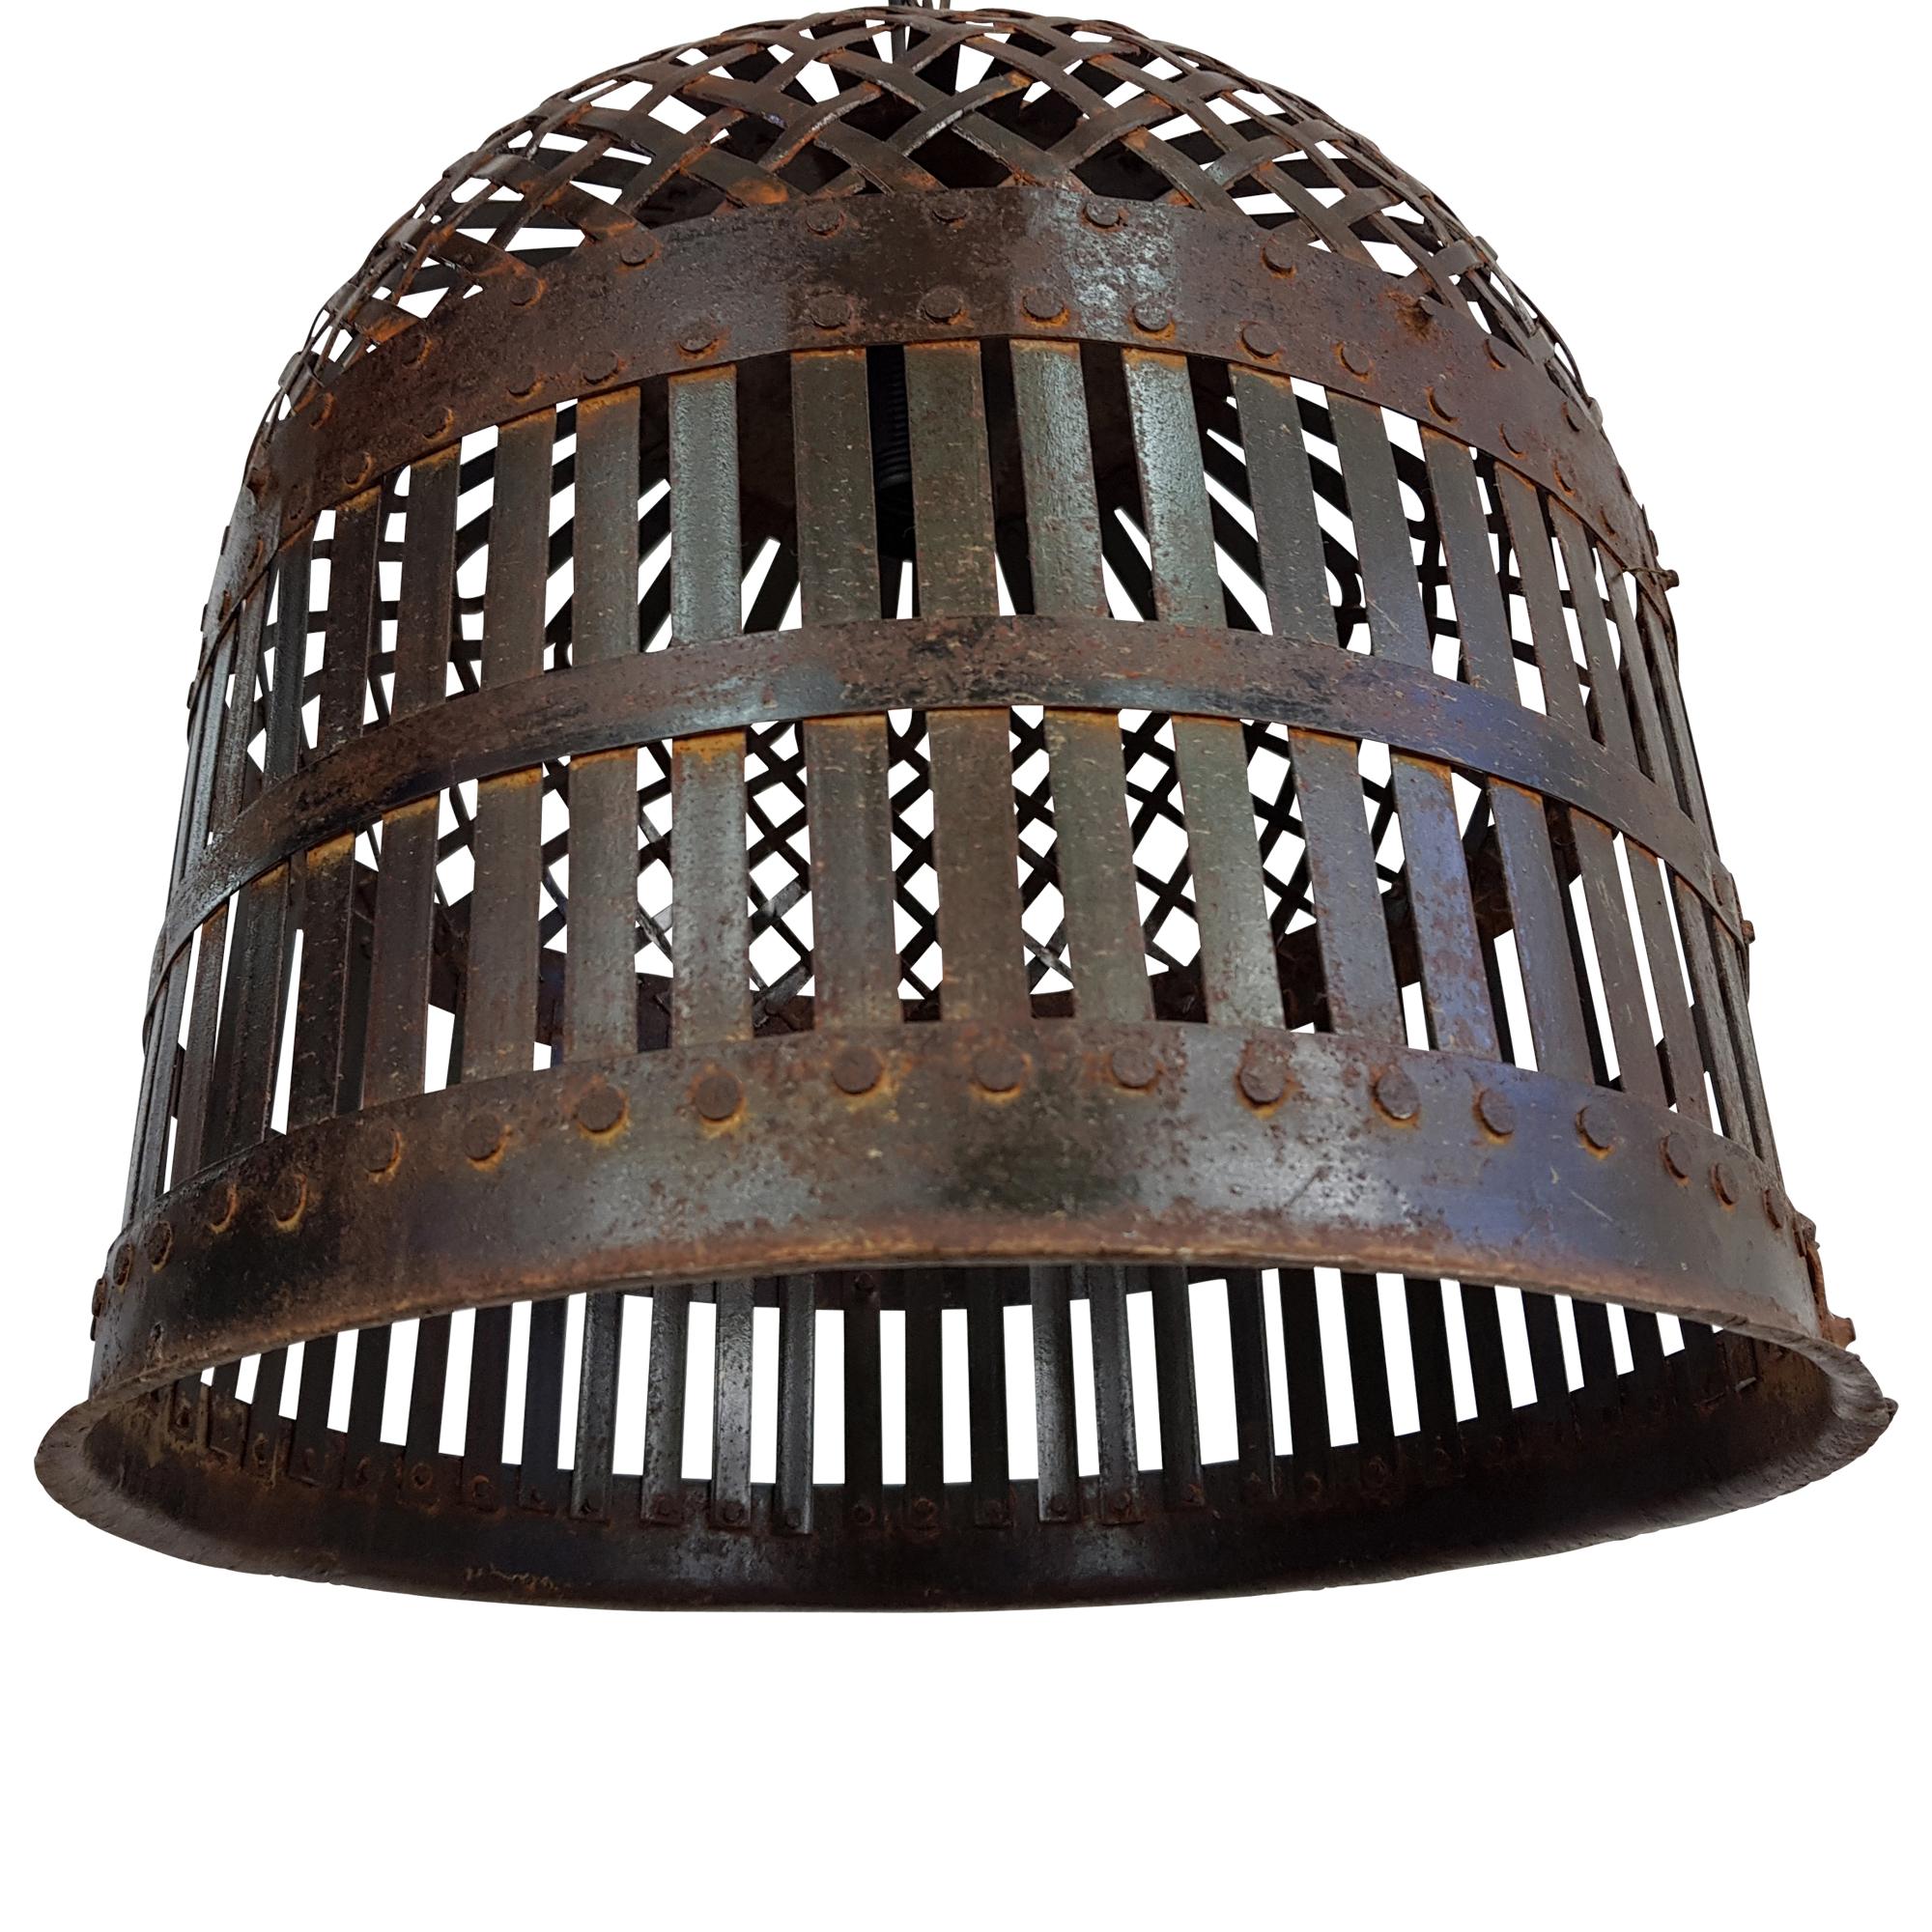 Full Size of Hngelampe Deckenlampe Deckenleuchte Pendelleuchte Rund Metall Schlafzimmer Küche Industrial Deckenlampen Wohnzimmer Esstisch Modern Für Bad Wohnzimmer Deckenlampe Industrial